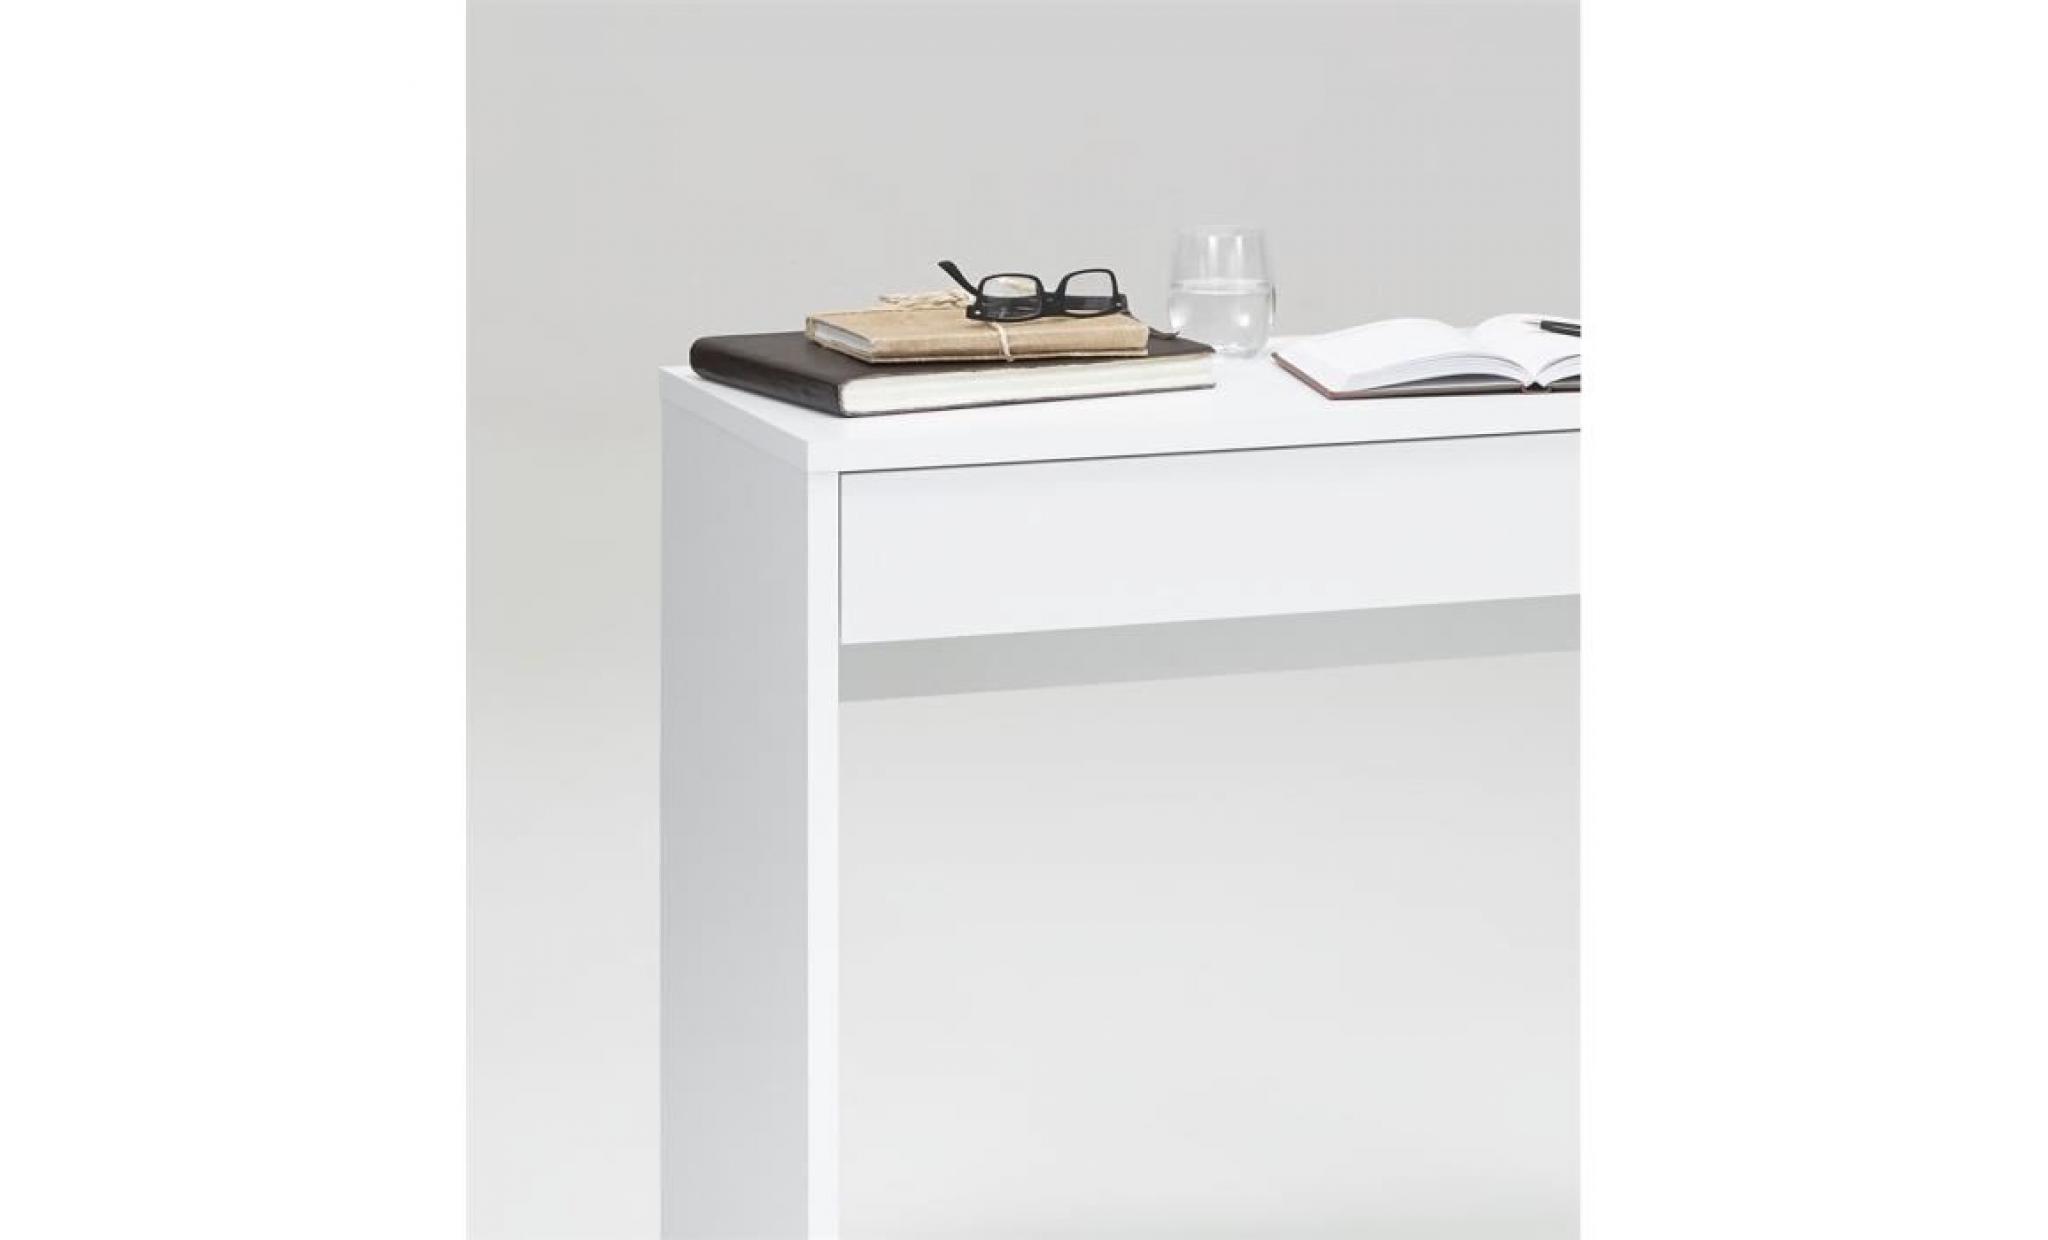 console d 39 entr e checker blanche achat vente console meuble pas cher couleur et. Black Bedroom Furniture Sets. Home Design Ideas